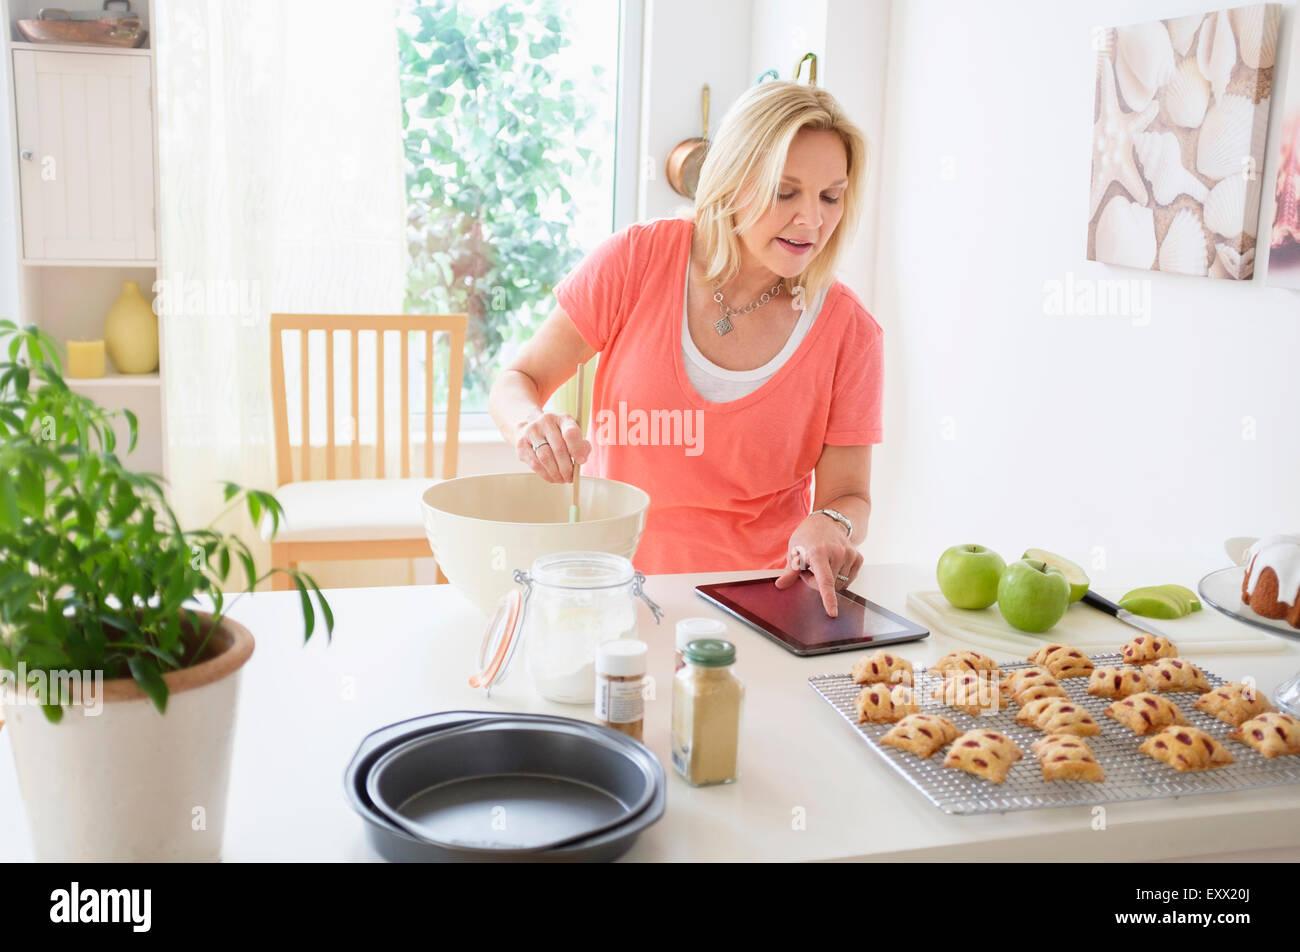 Mujer madura en la cocina para hornear Imagen De Stock